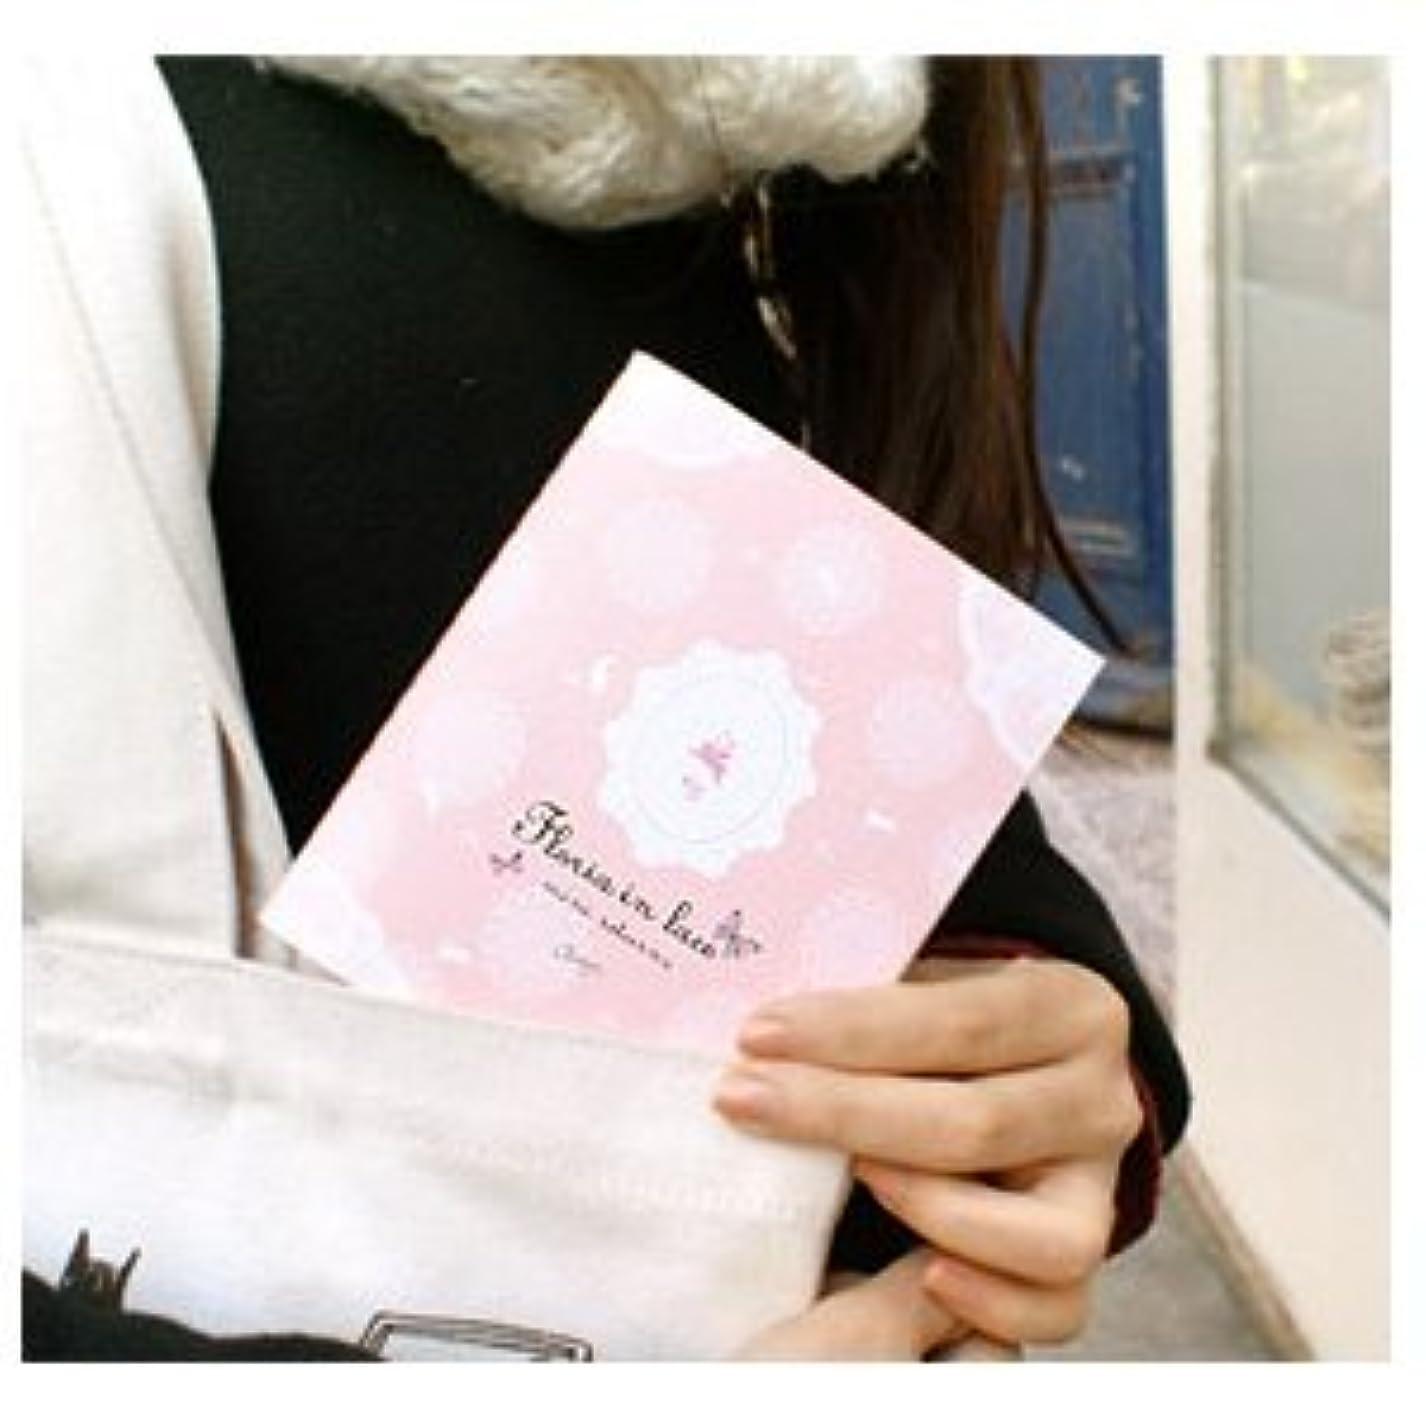 挨拶修復シリーズJETOY(ジェトイ)ロマンティックミニダイアリー/ピンク